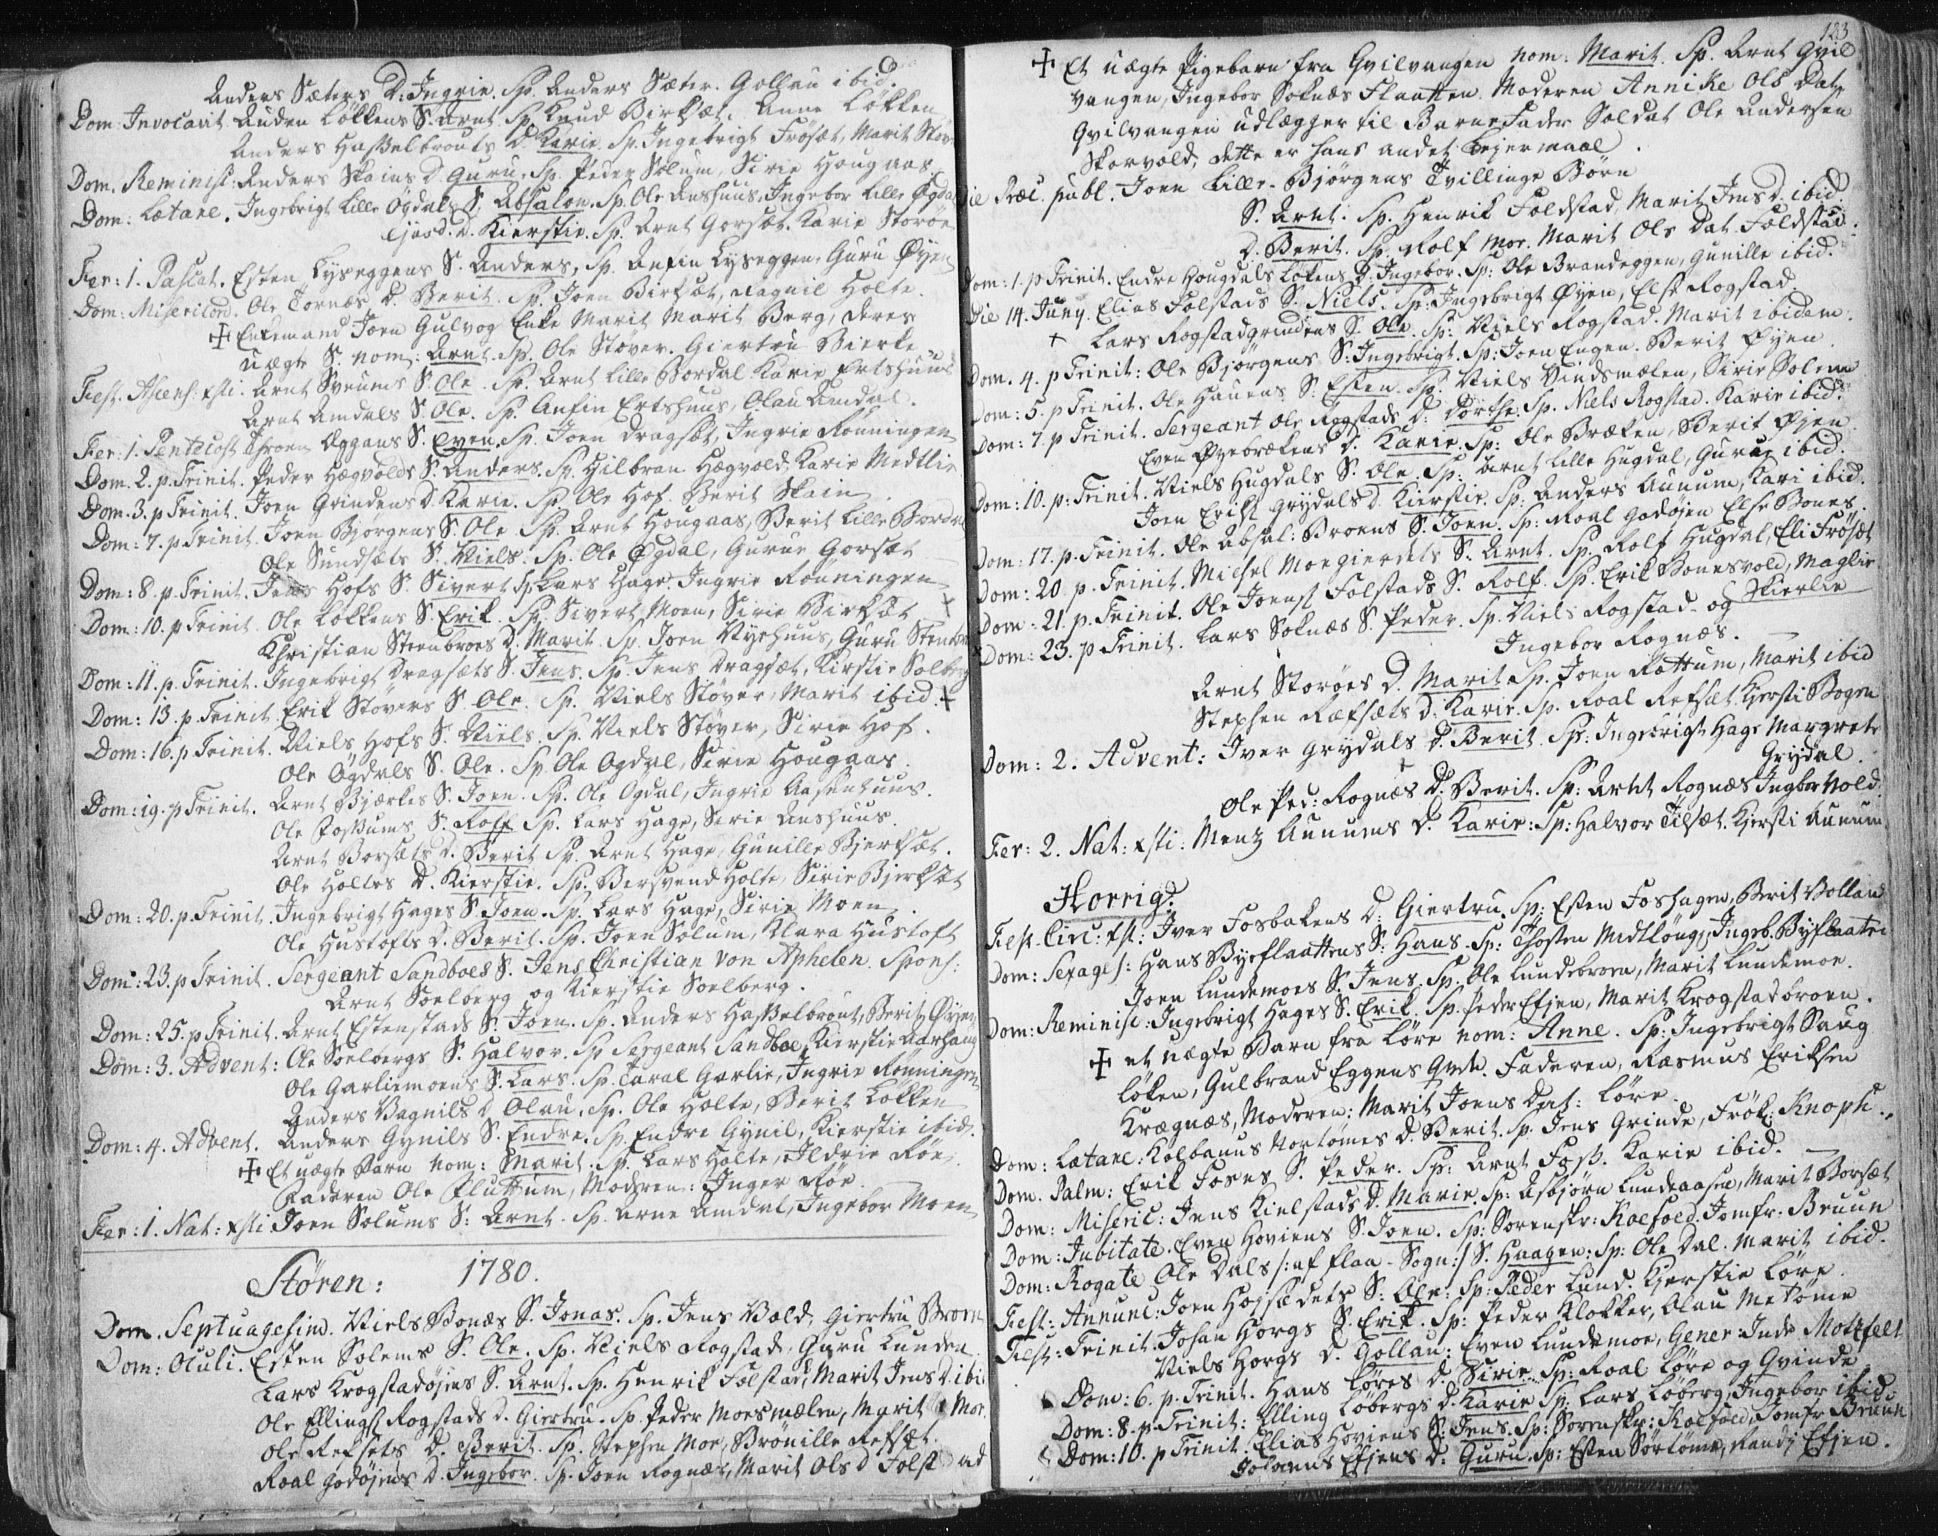 SAT, Ministerialprotokoller, klokkerbøker og fødselsregistre - Sør-Trøndelag, 687/L0991: Ministerialbok nr. 687A02, 1747-1790, s. 123